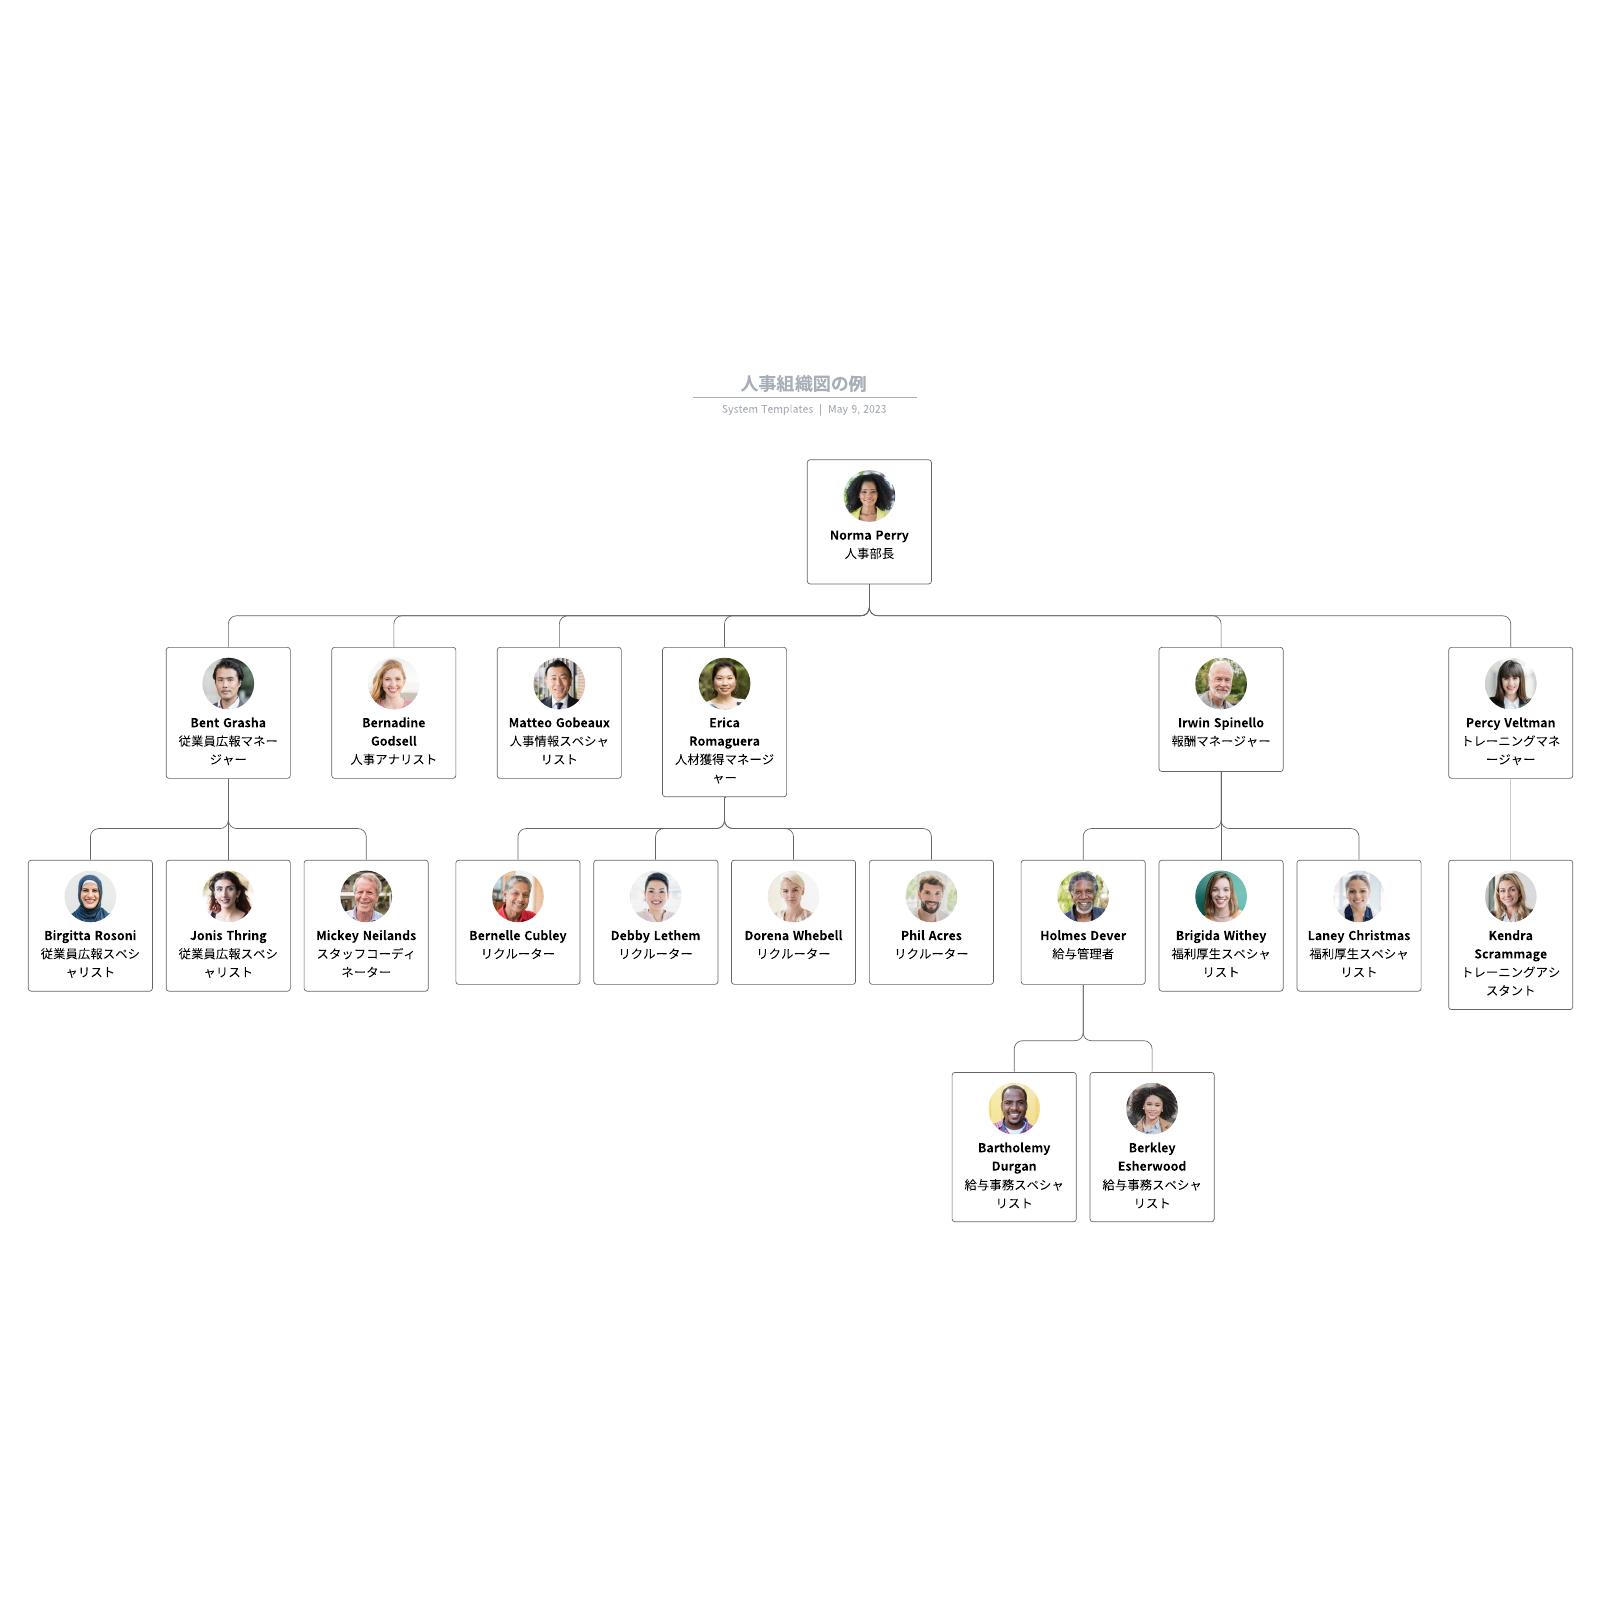 人材や人事部で使える組織図のテンプレート